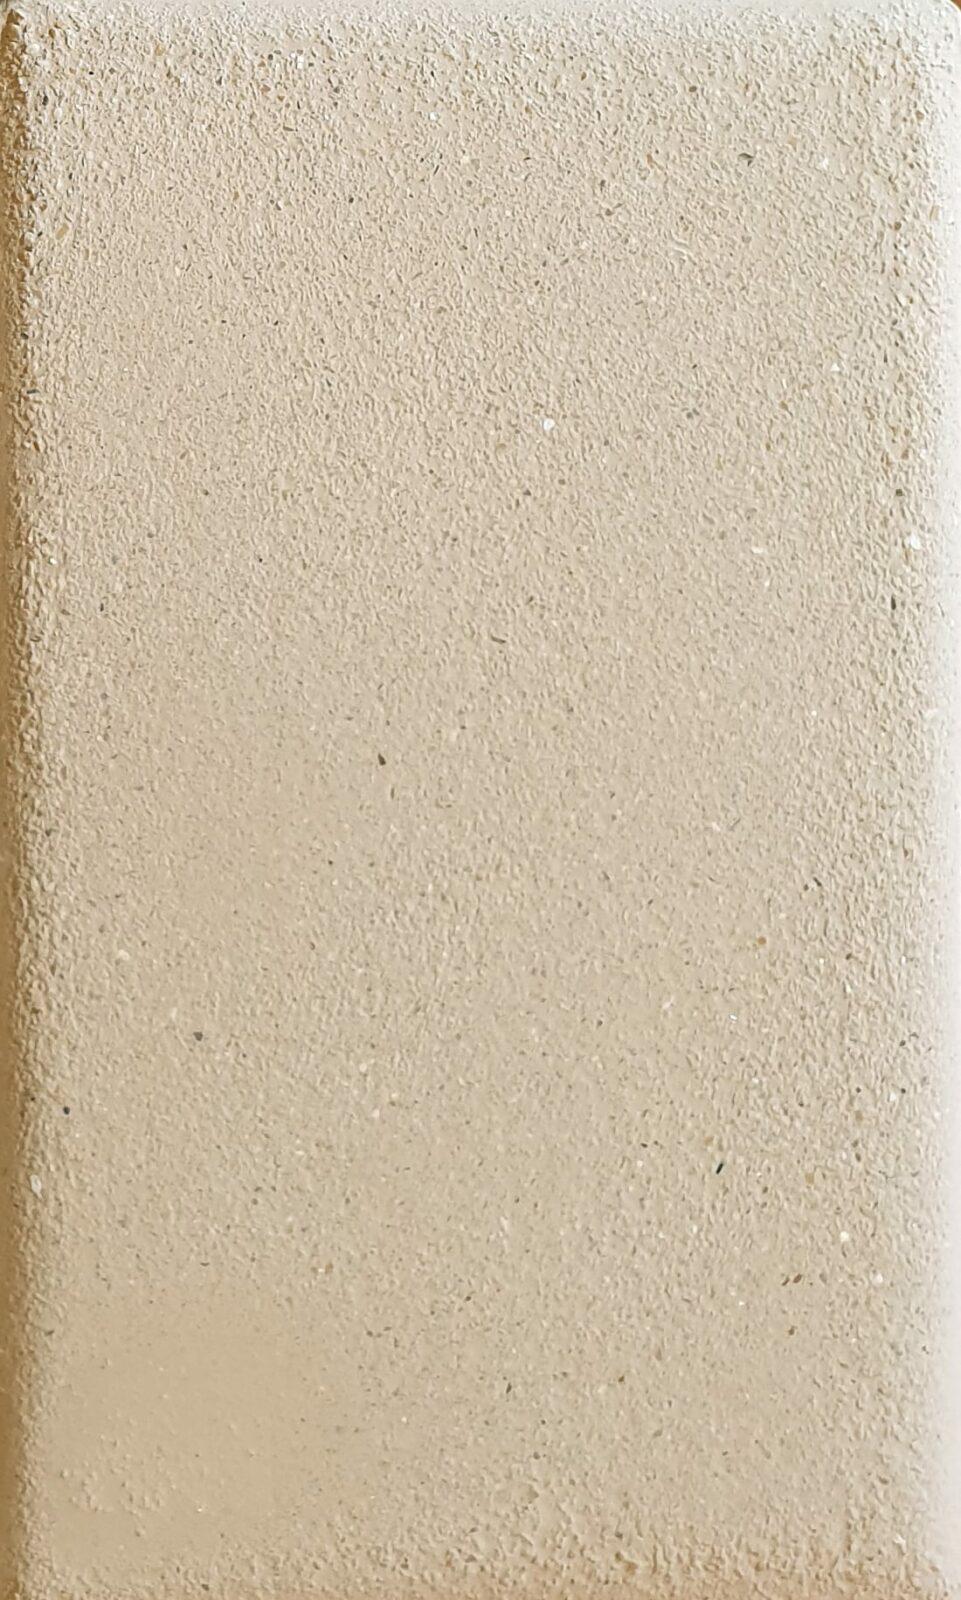 Delphi Finish kleurleem leemstuc